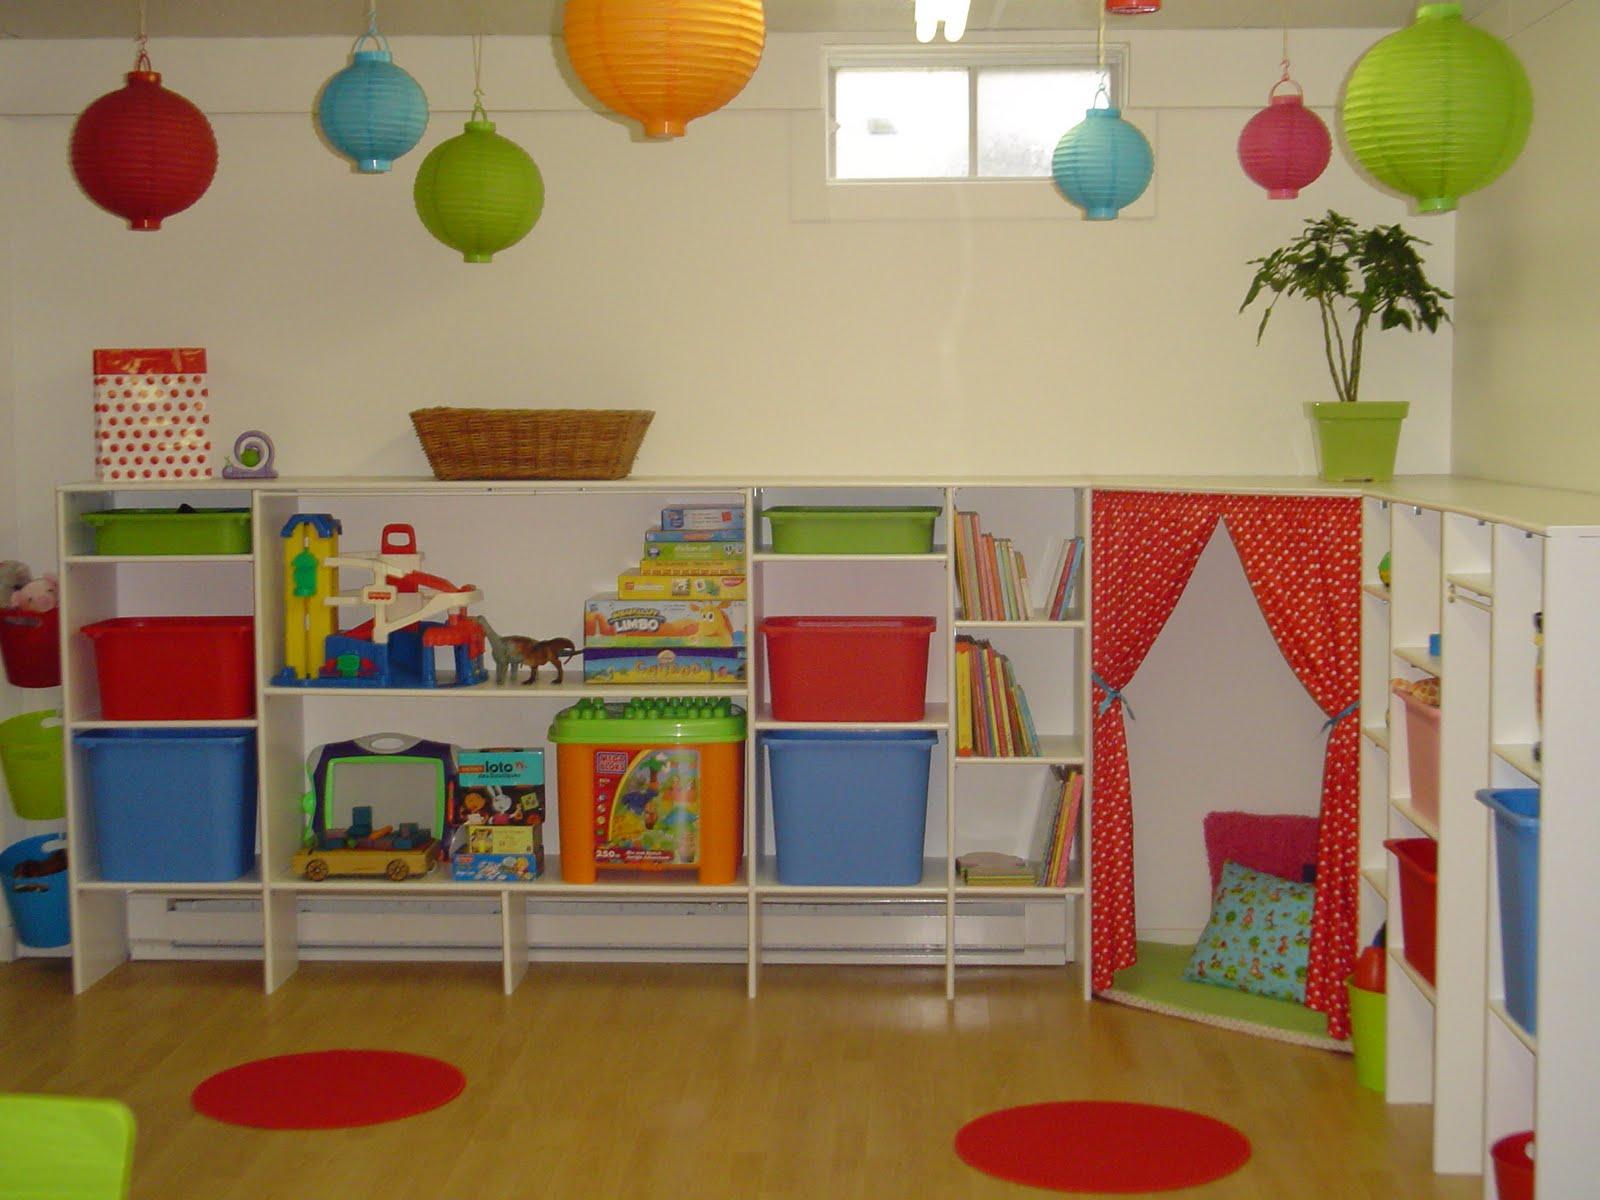 les petits pois sont rouges photos de la garderie les petits pois sont rouges. Black Bedroom Furniture Sets. Home Design Ideas